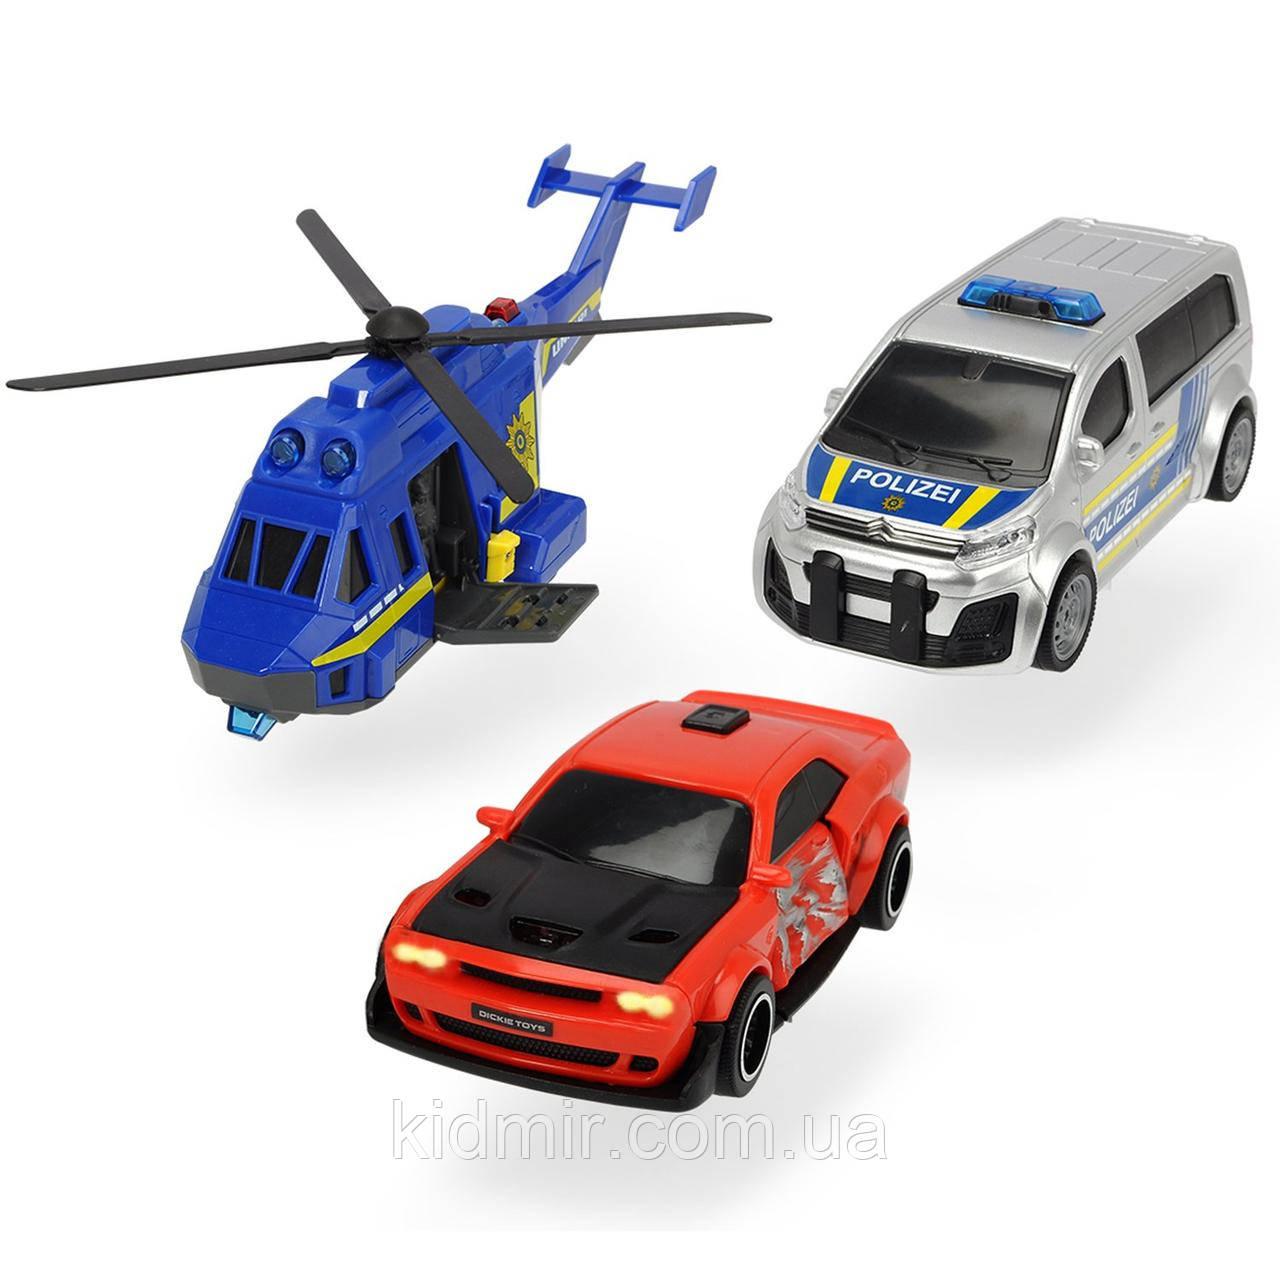 Ігровий набір Поліційна погоня вертоліт і 2 машинки світло звук Dickie 3715011